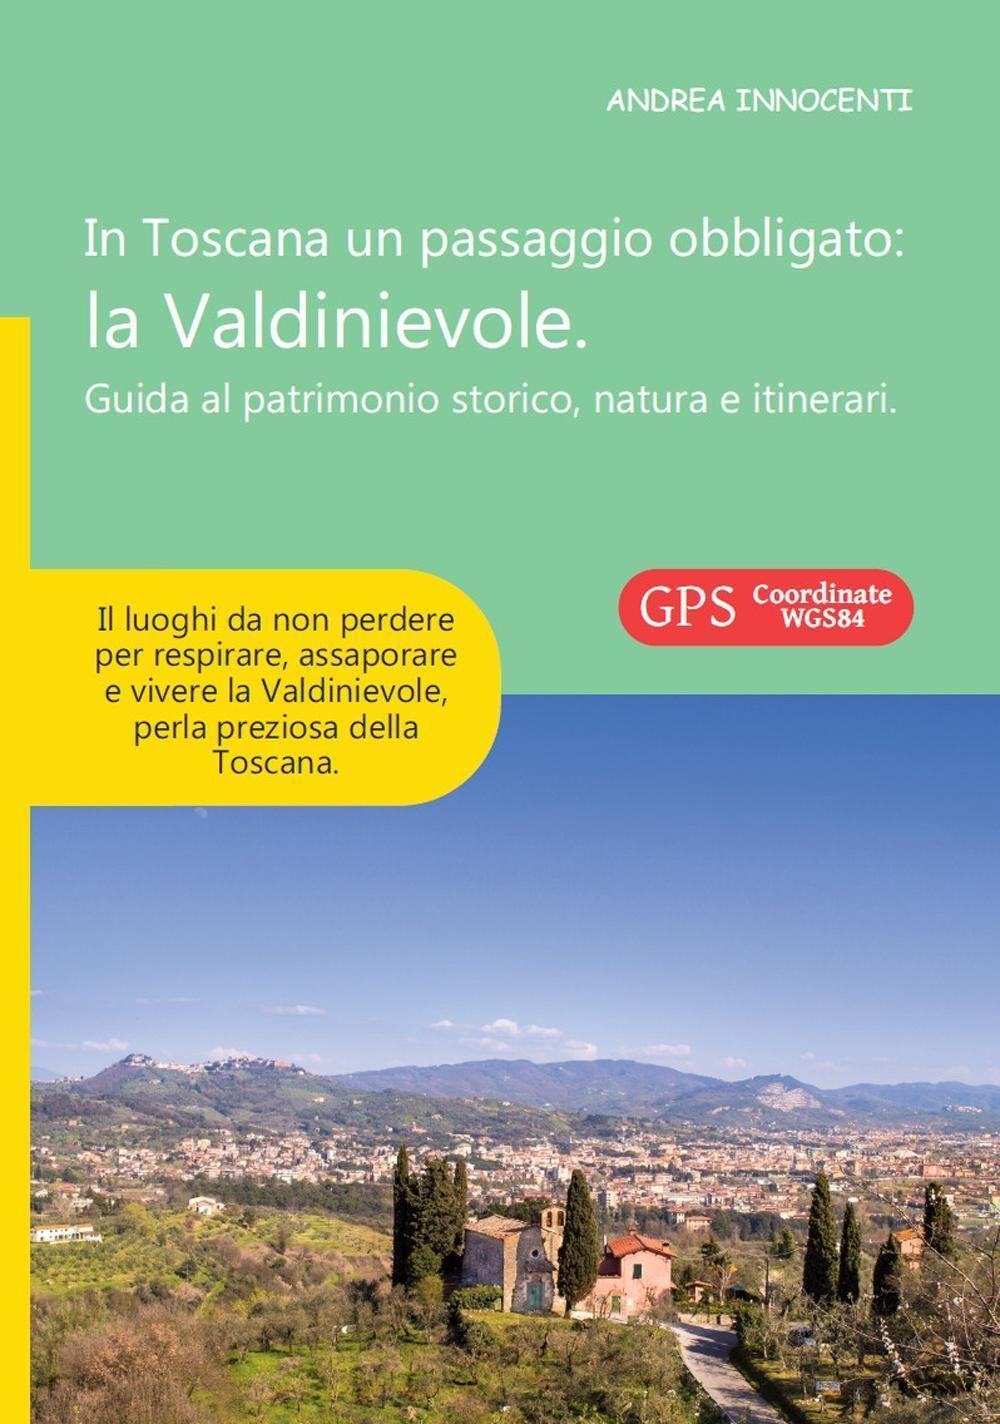 In Toscana un passaggio obbligato. La Valdinievole. Guida al patrimonio storico, natura e itinerari